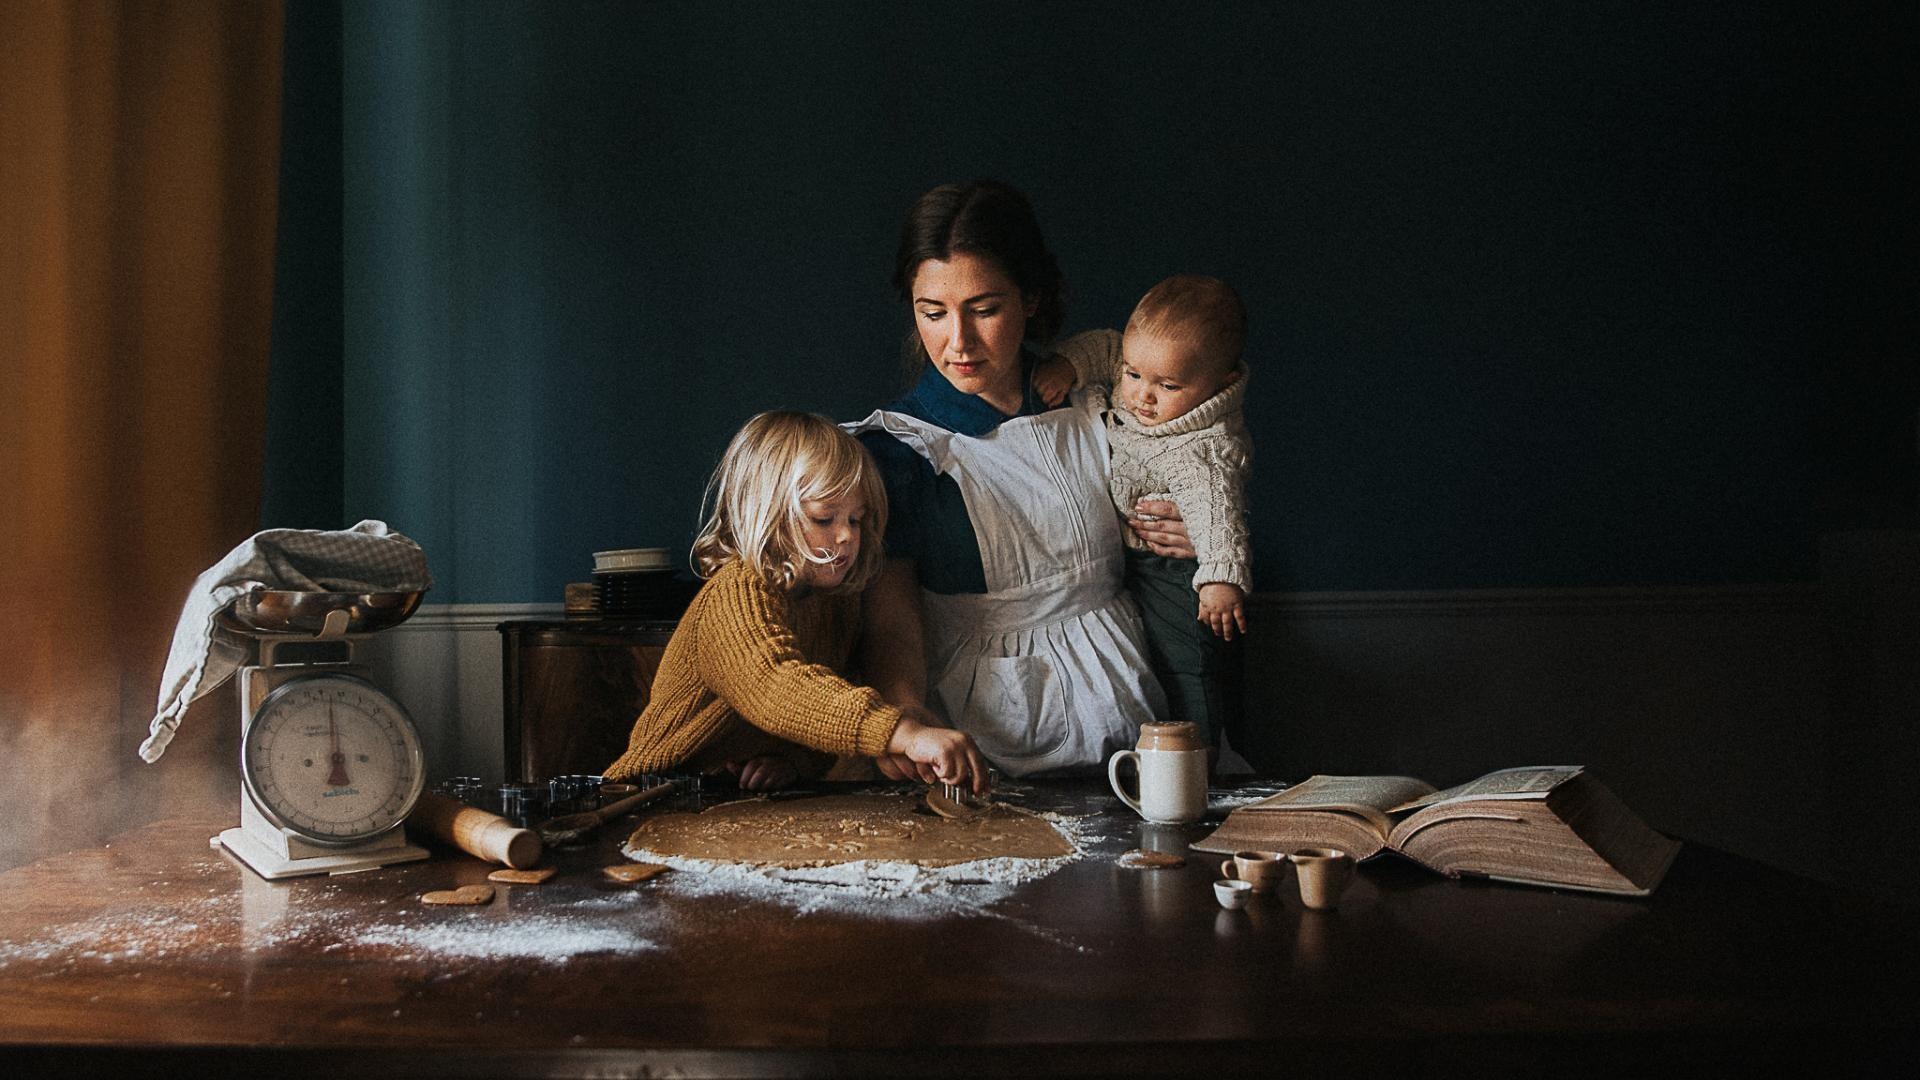 «Печенье для семьи». Фотограф Лора Вуд